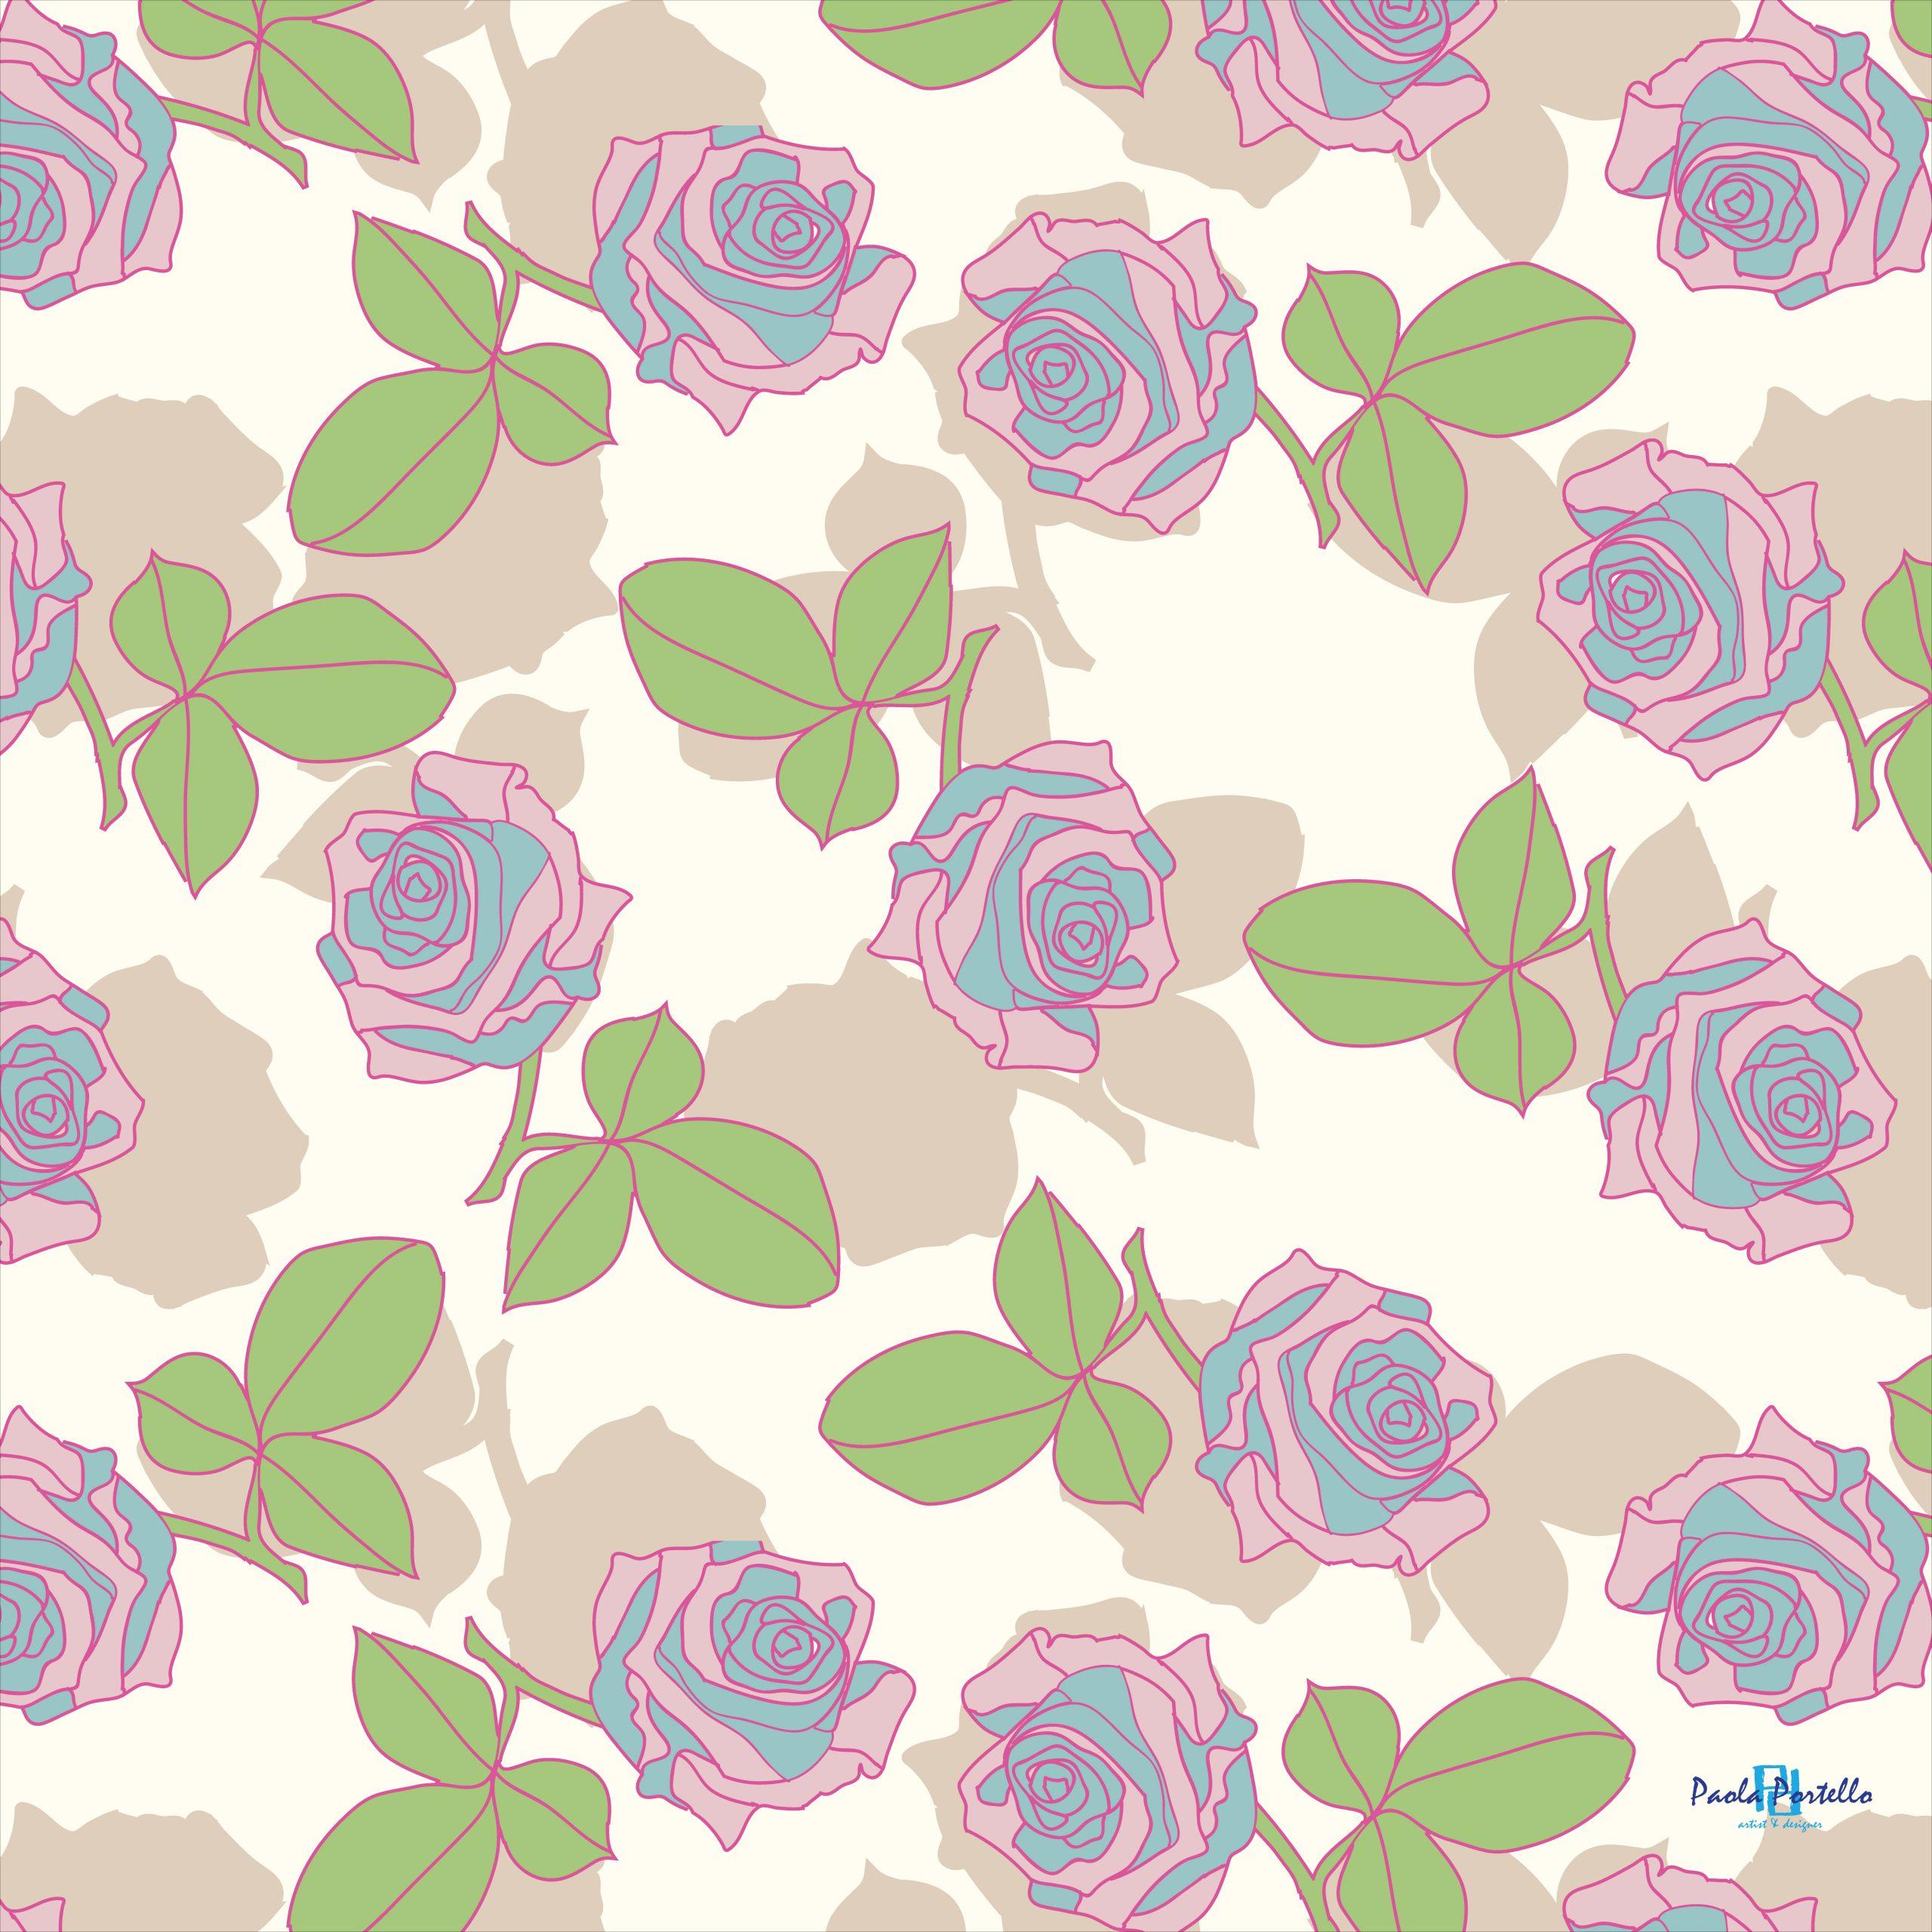 My Garden's Roses